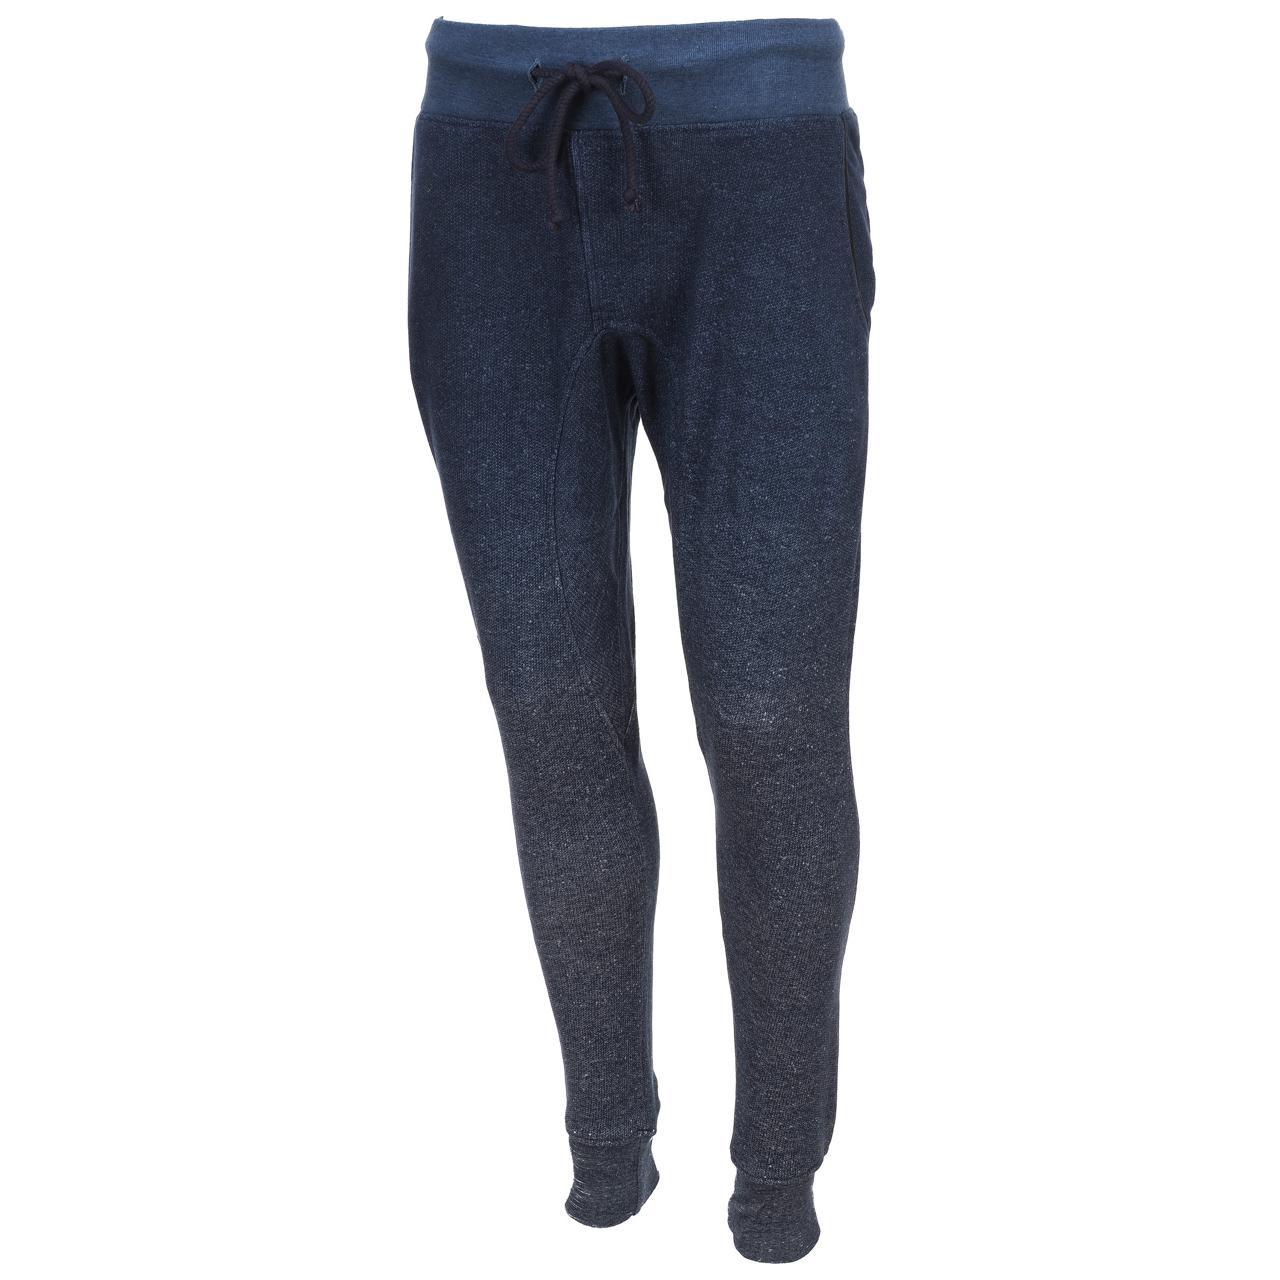 Pantalon-de-survetement-Biaggio-Krodil-navy-pant-jogg-Bleu-57532-Neuf